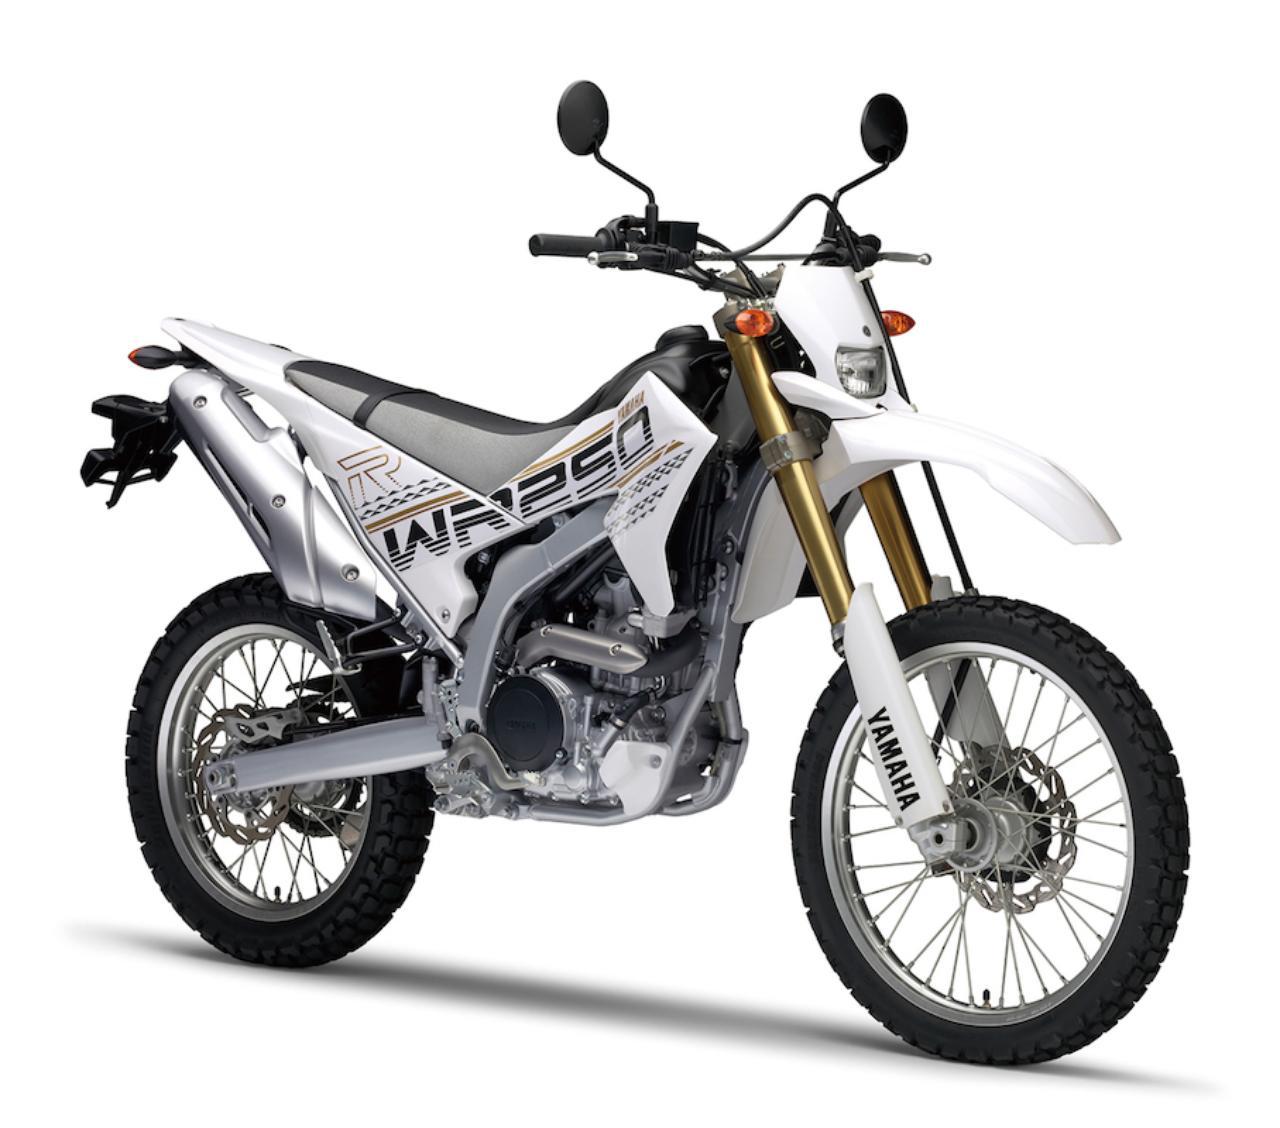 画像: Y040 YAMAHA WR250R ■価格:72万1440円 「オフロードのR1」を目指し、アルミフレームや高精度な前後サス、最高出力31PSという249cc水冷単気筒エンジンなど、贅沢なメカニズムを採用。今も国内向けオフロード車屈指の高性能を誇っている。